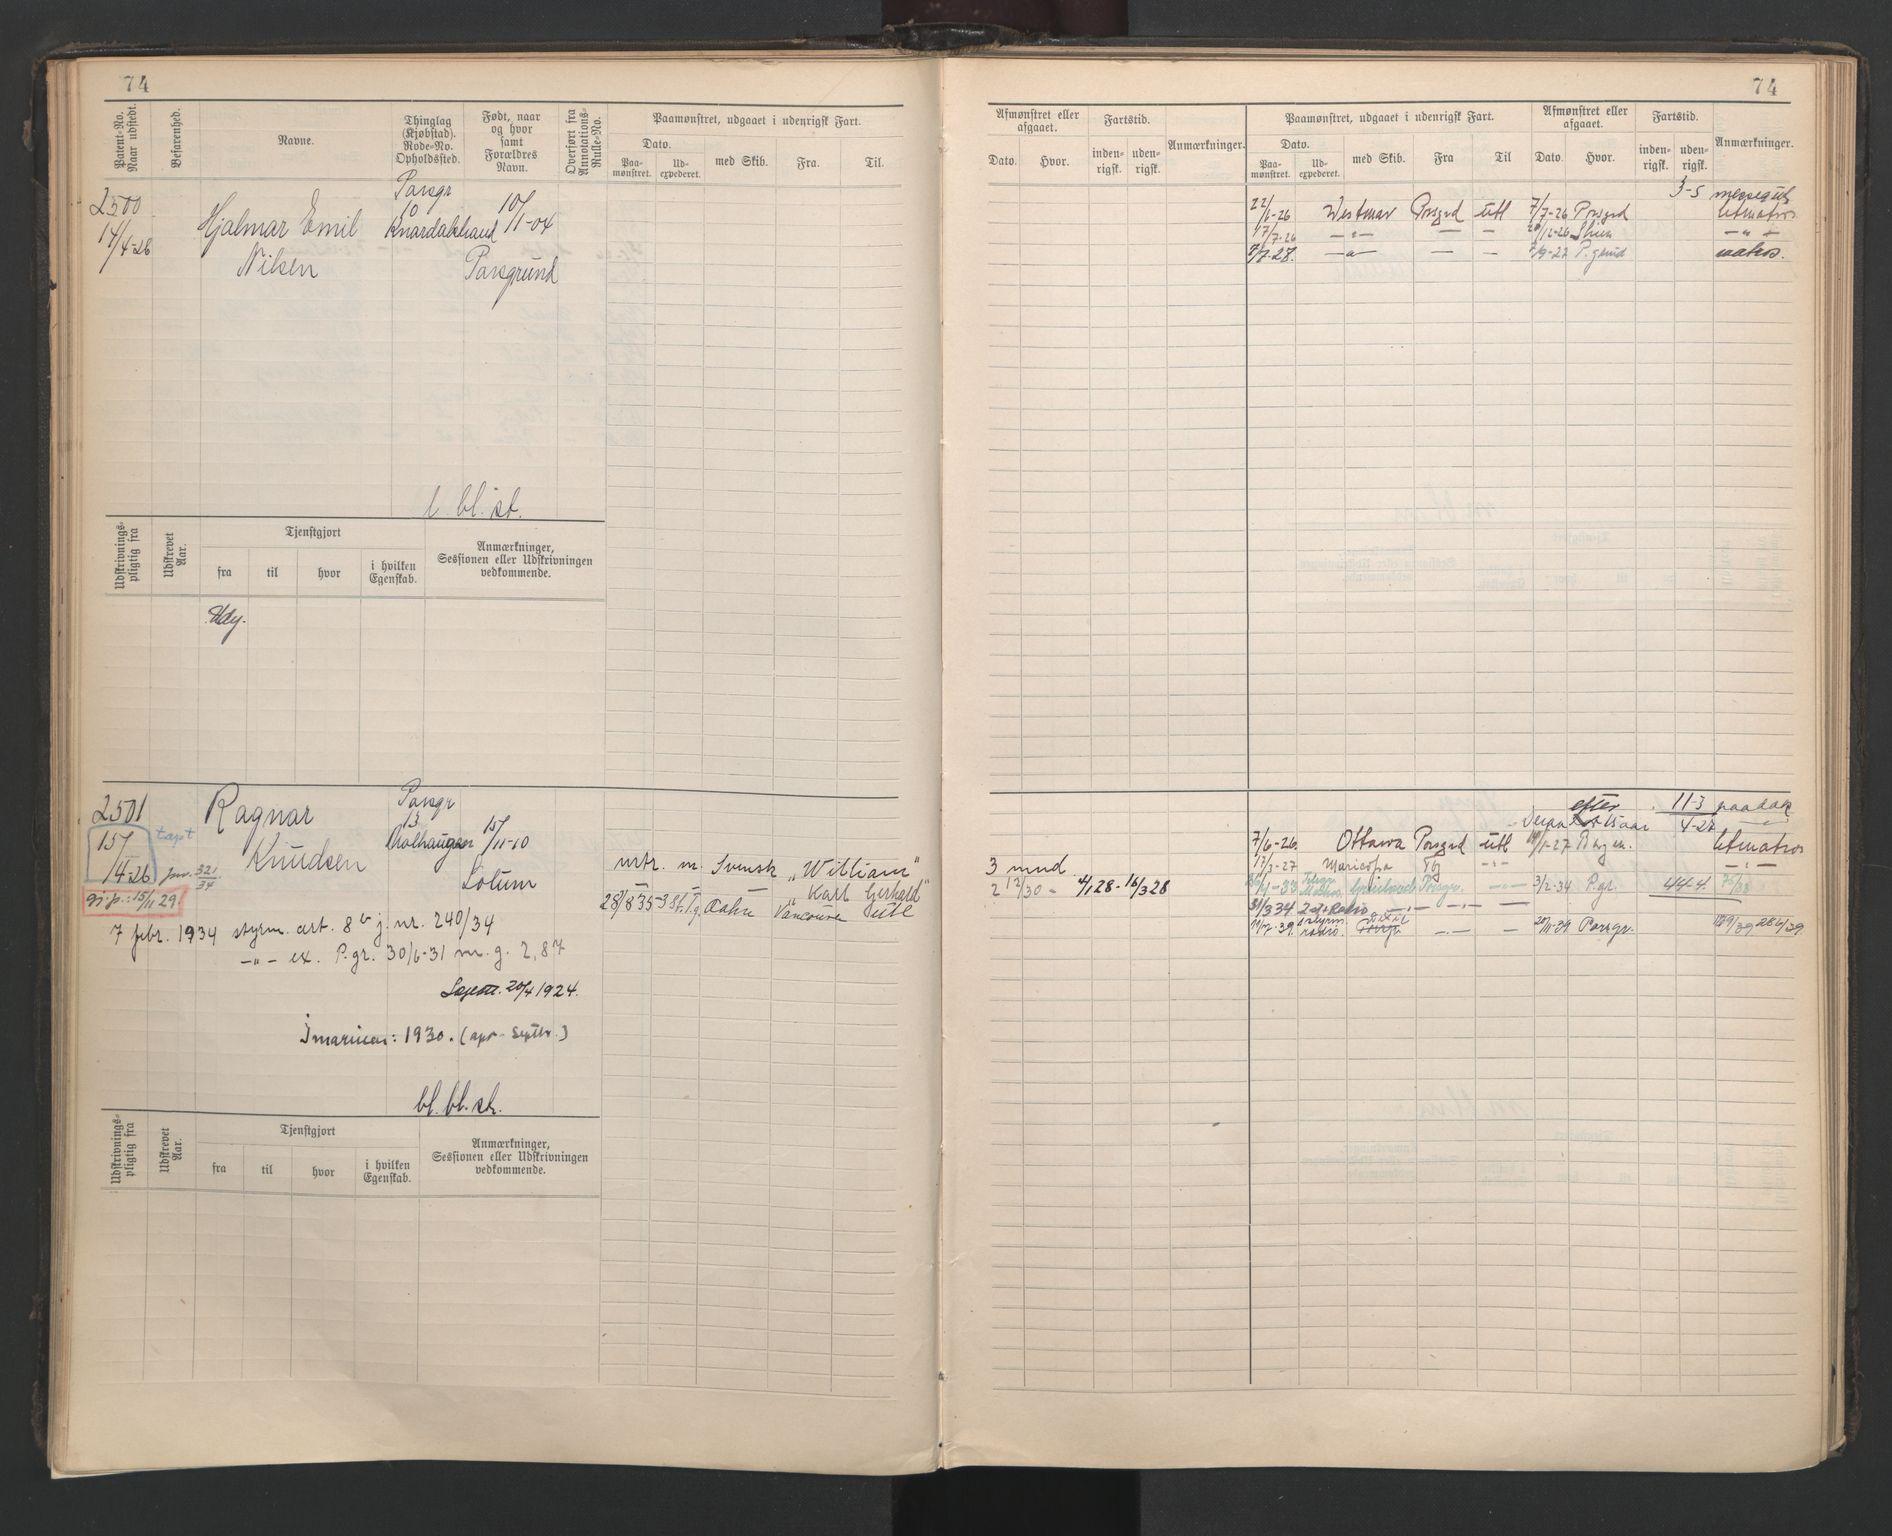 SAKO, Porsgrunn innrulleringskontor, F/Fb/L0007: Annotasjonsrulle, 1926-1948, s. 74